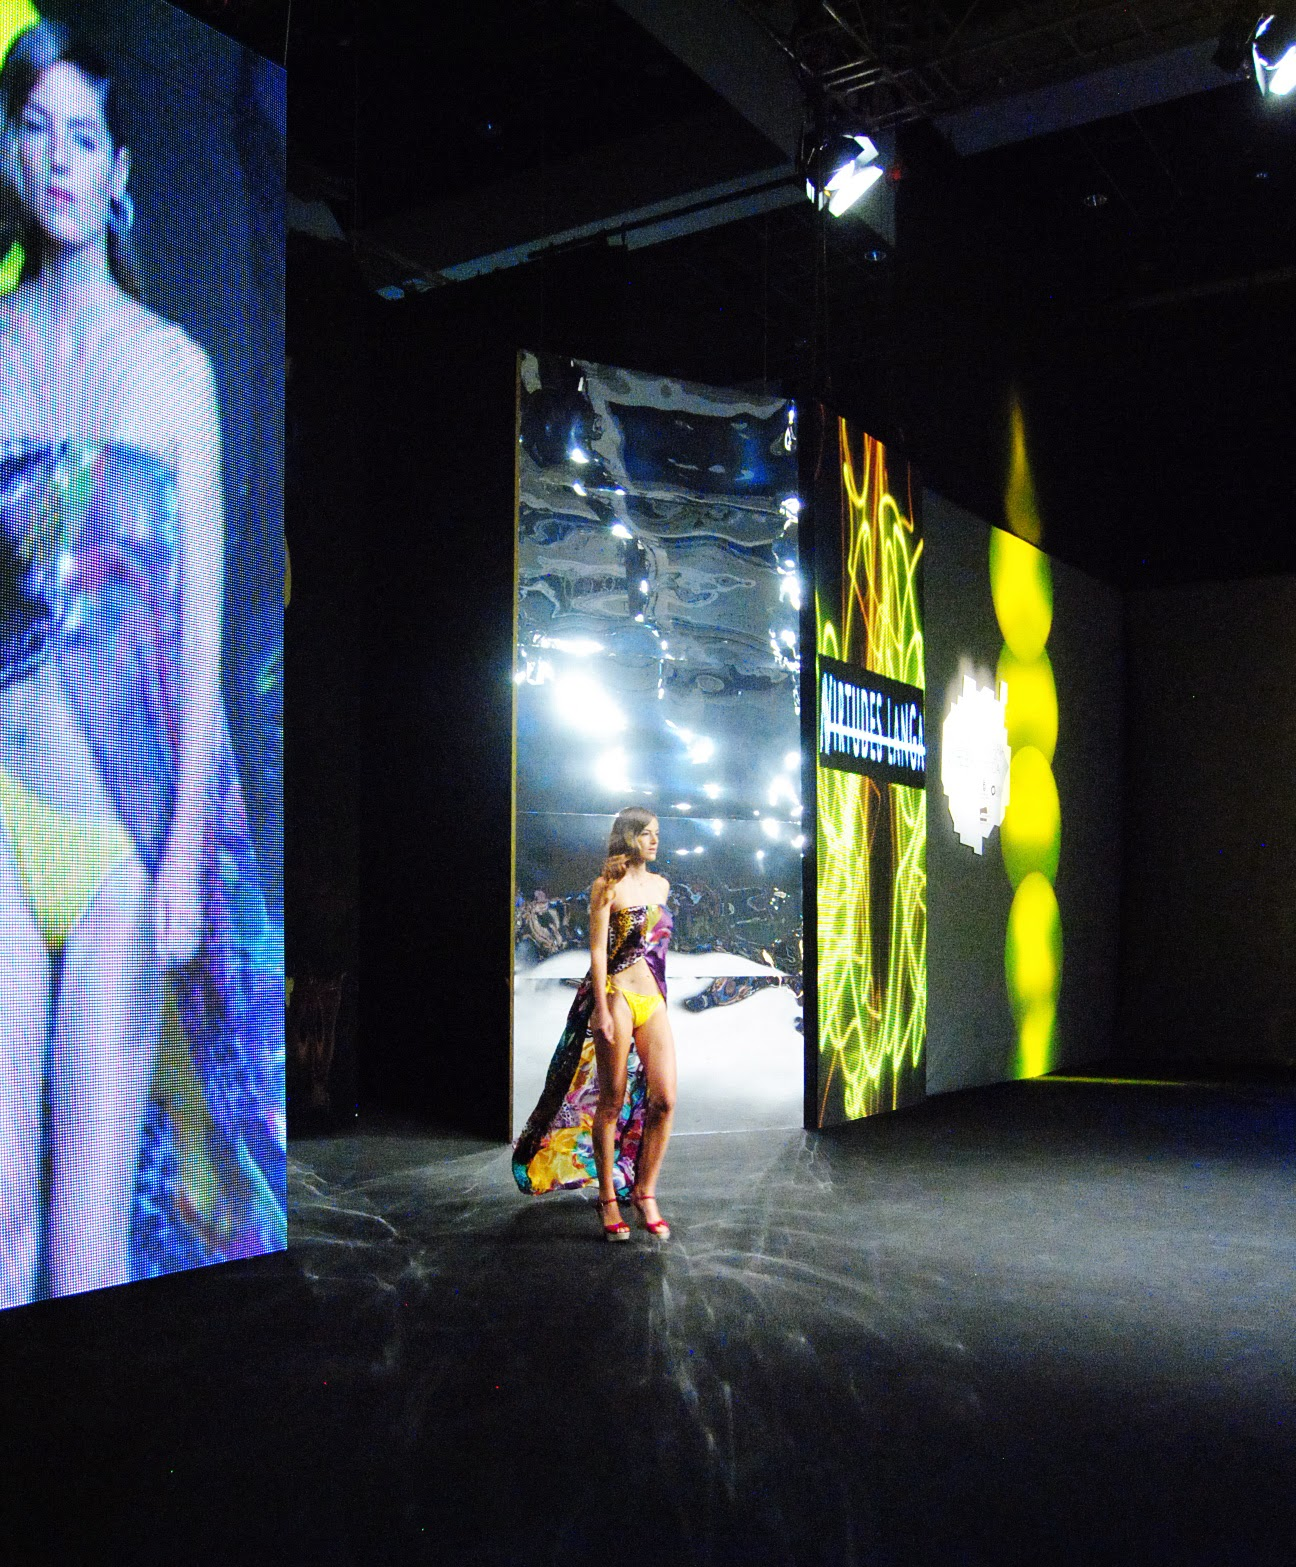 moda calida, gran canaria fashion week, gcmc, gcmodacalica2014, blogeras de canarias, virtudes langa